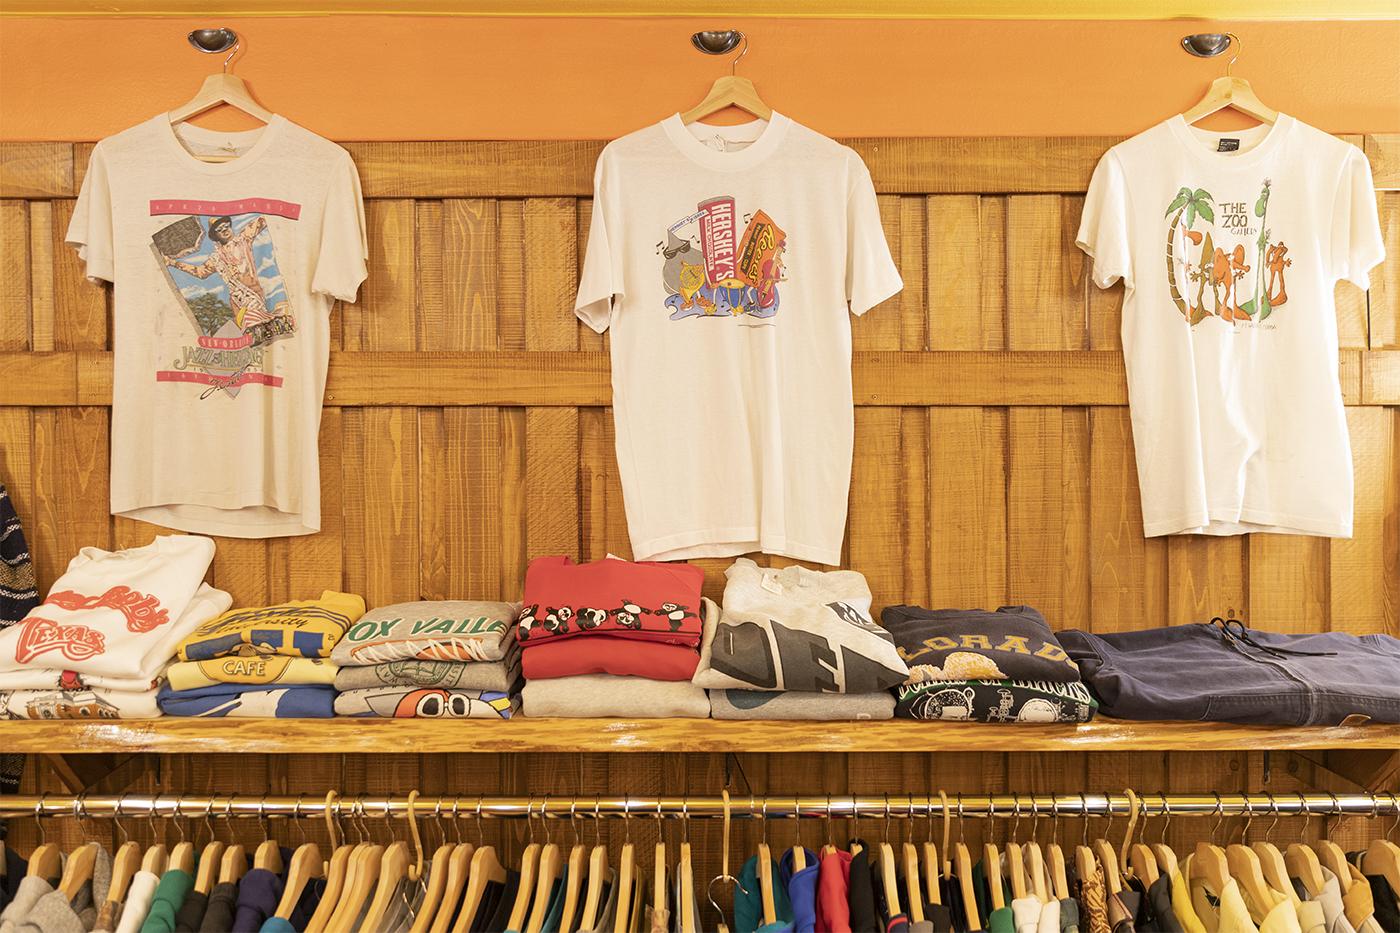 古着屋「chuple」のラックと、壁に掛けられたデザイン白Tシャツ